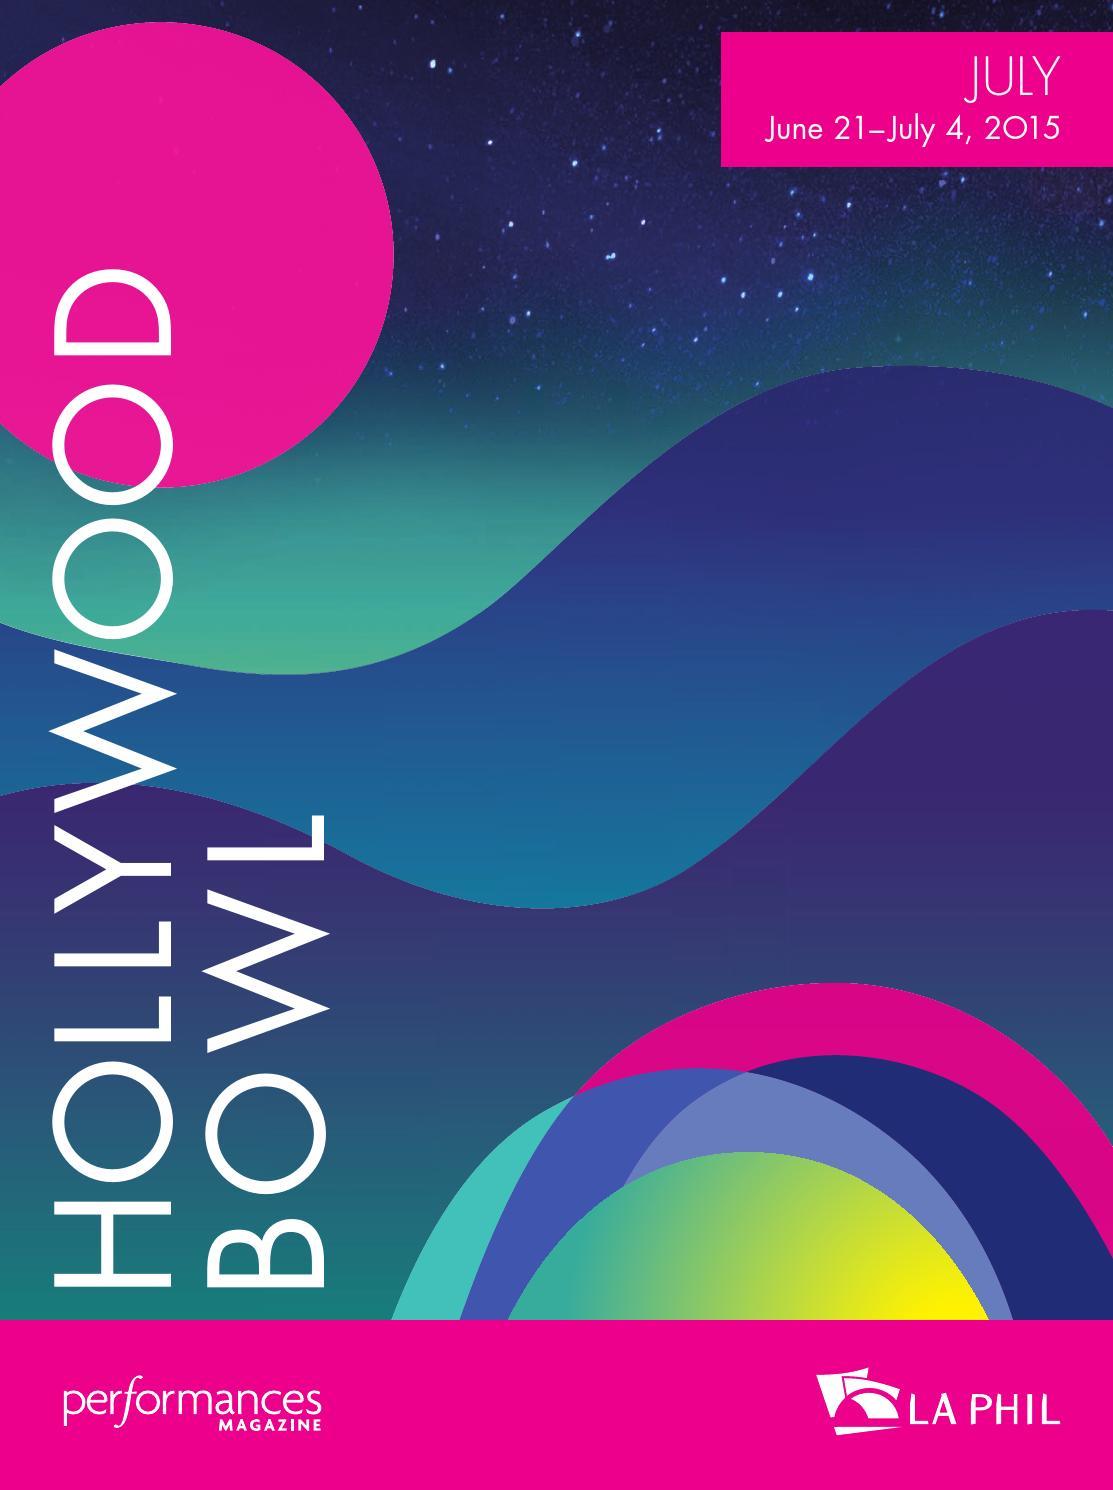 Hollywood Bowl - Jun 21 - Jul 4 by SoCalMedia - issuu